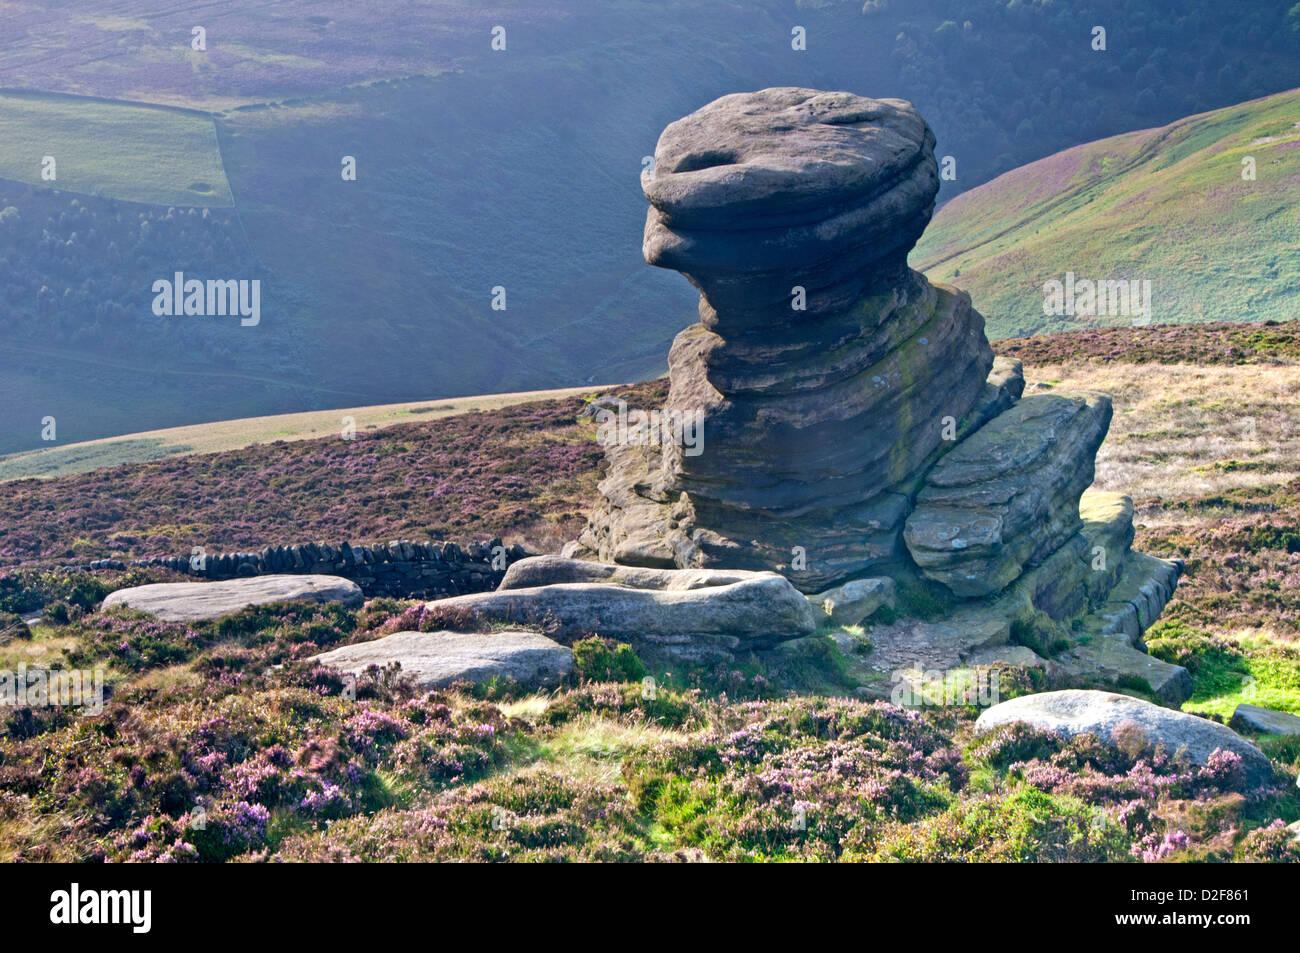 La cantina di sale, Derwent Edge, Parco Nazionale di Peak District, Derbyshire, England, Regno Unito Immagini Stock